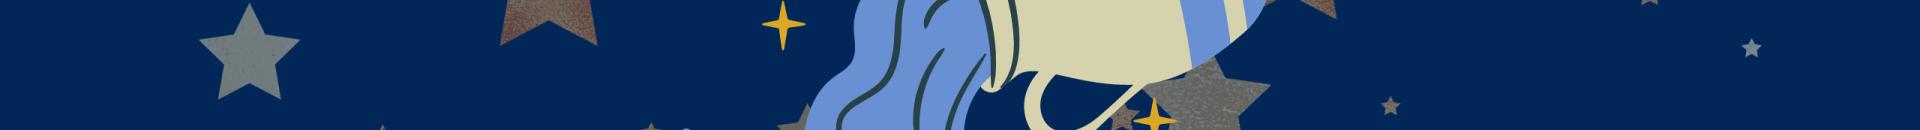 🎄 Occhio al Natale: Quattroscopo dell'Acquario